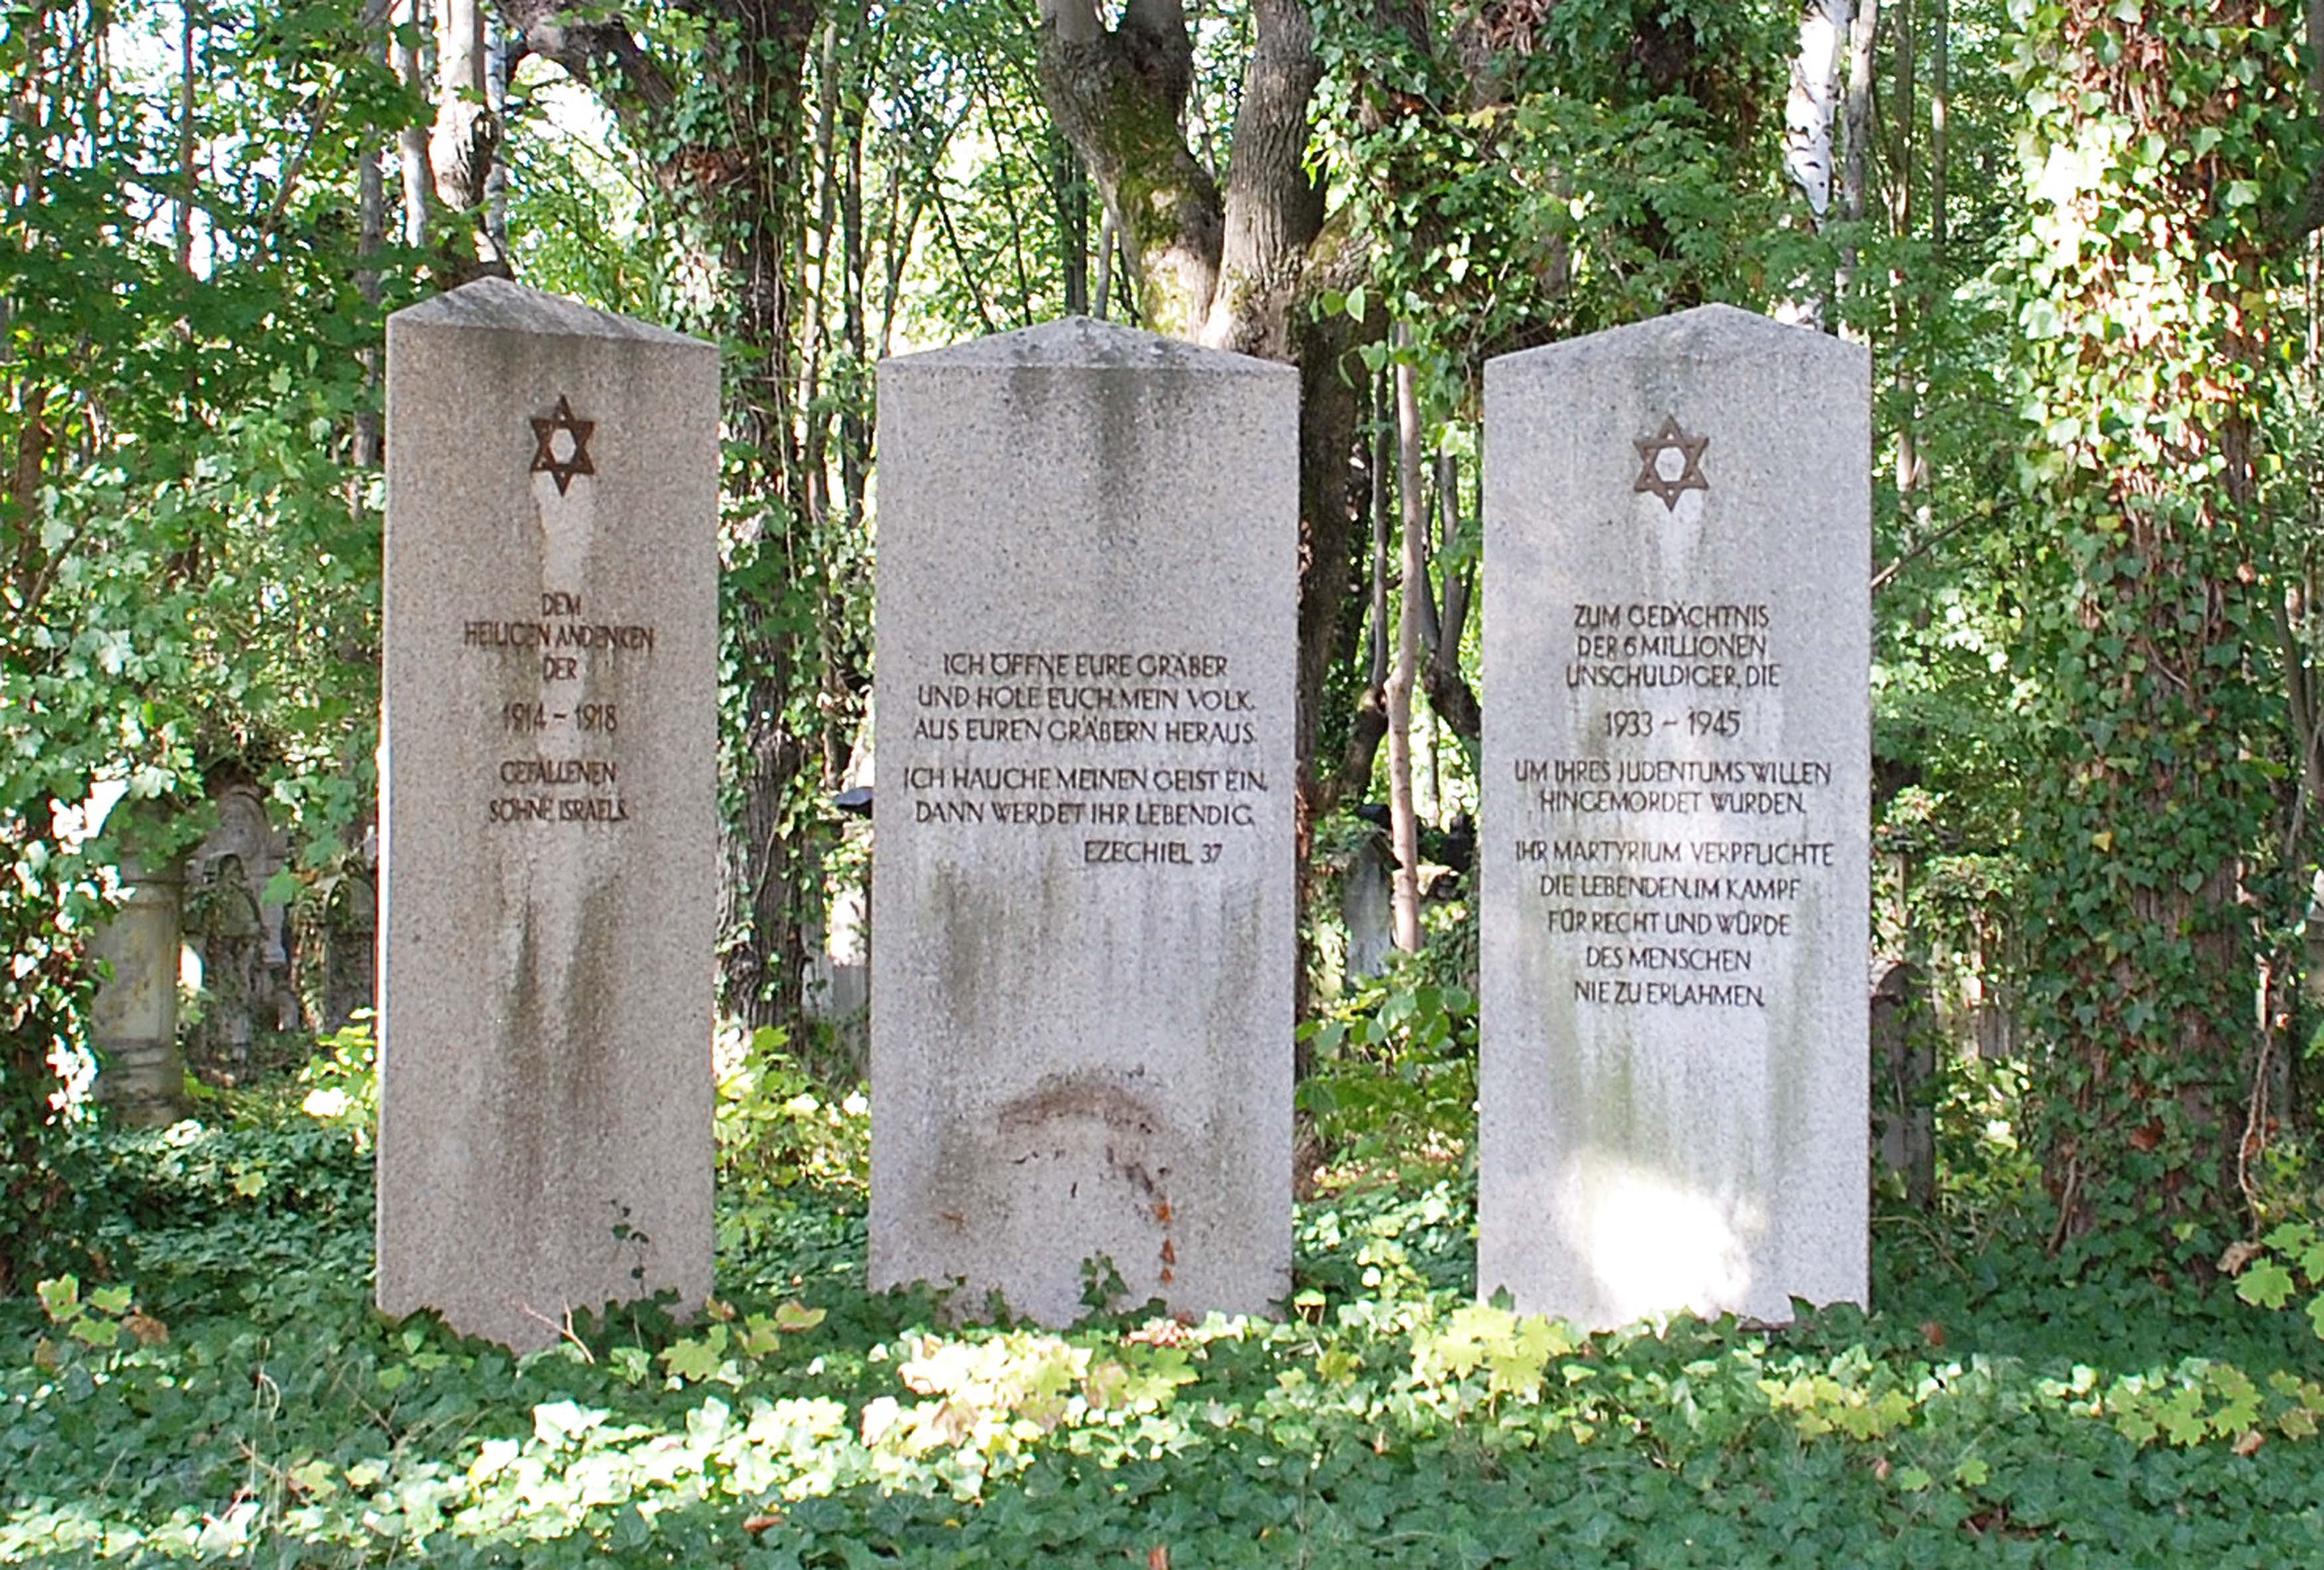 Gedenkstelen für die jüdischen Opfer auf dem jüdischen Friedhof Bayreuth, Nürnberger Straße